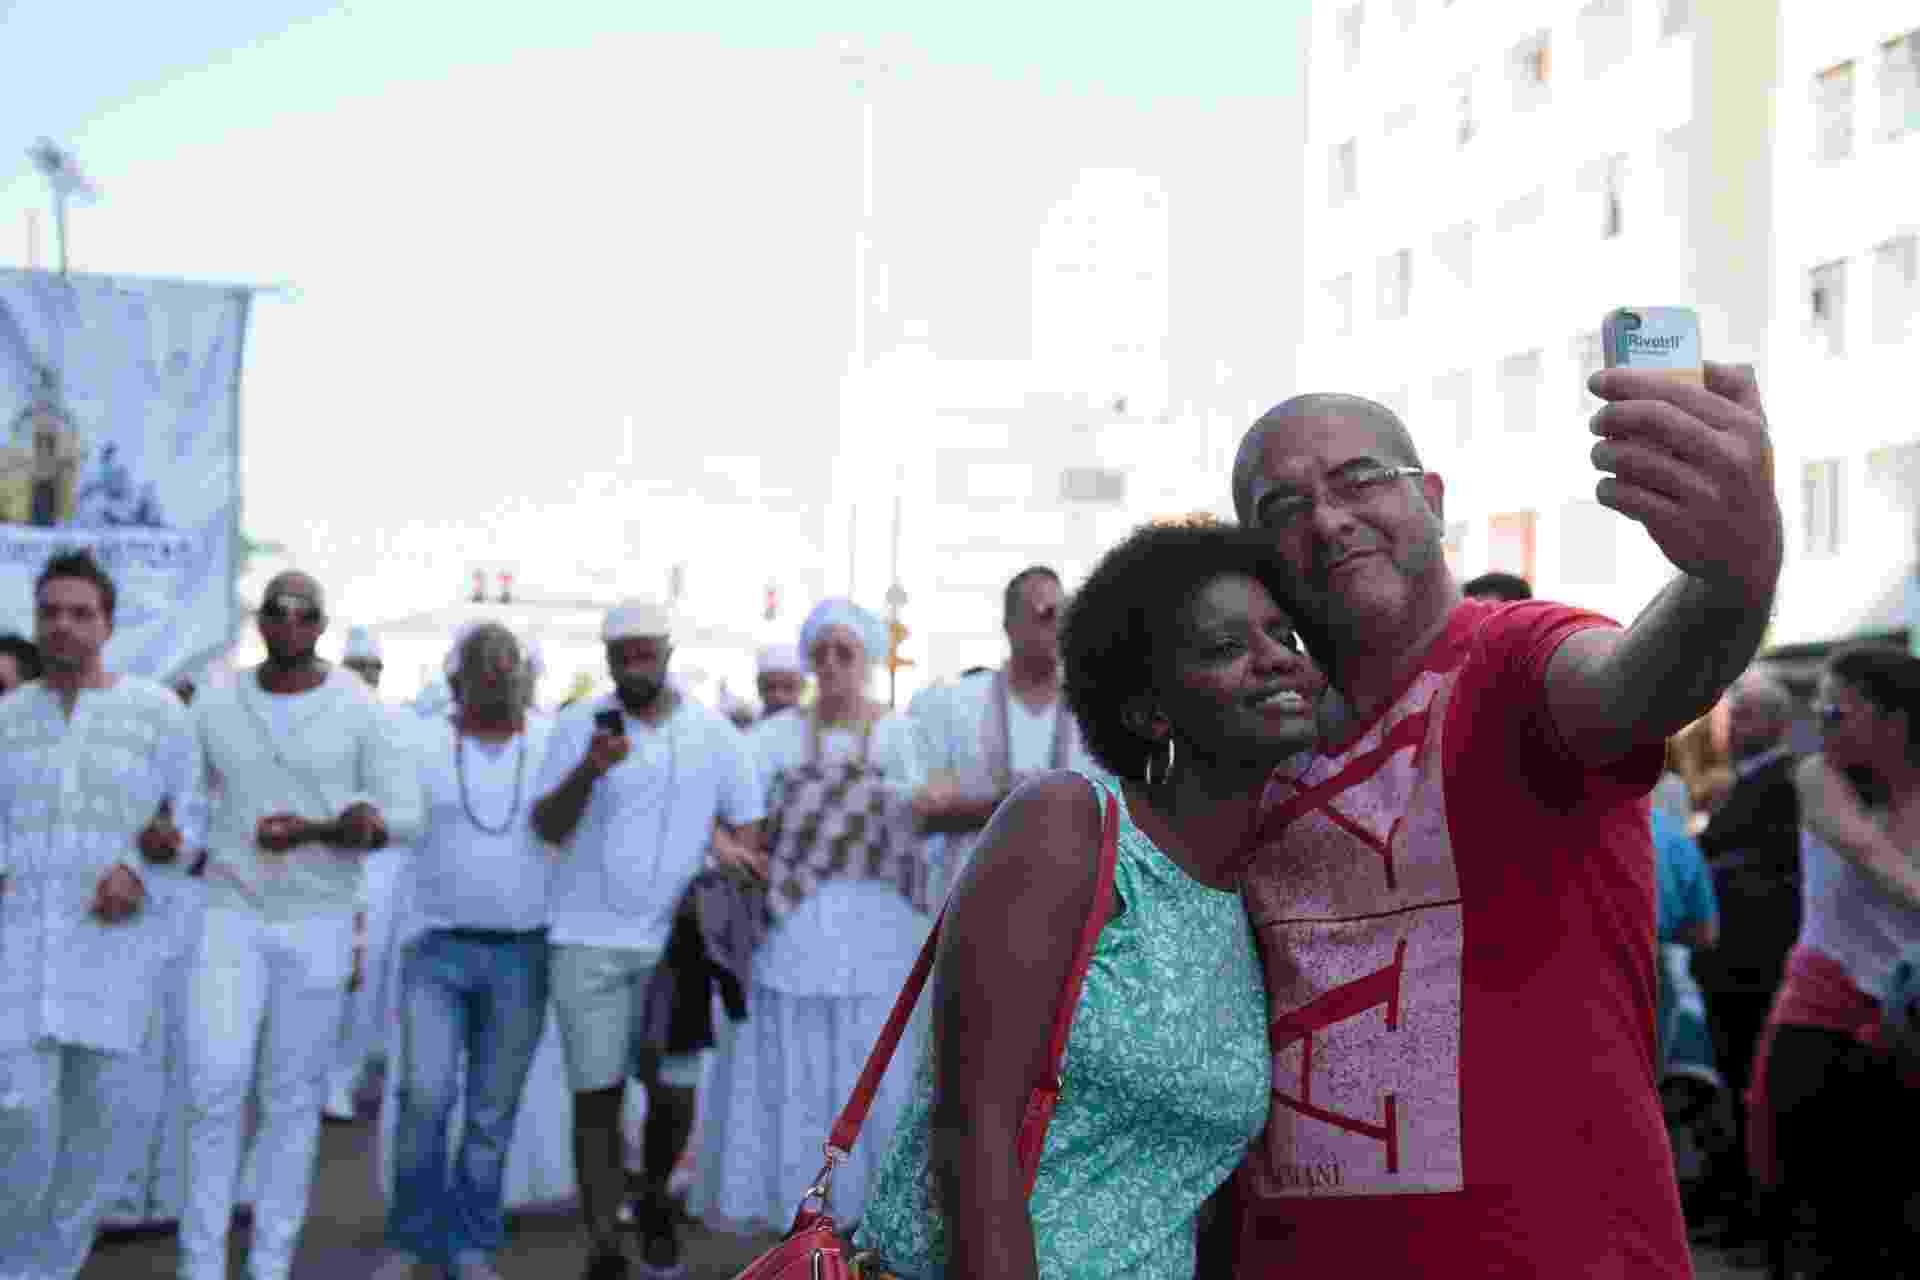 21.jun.2015 - Casal tira selfie em frente aos integrantes do movimento As Águas de São Paulo, que luta contra a intolerância religiosa, durante a Virada Cultural 2015, em São Paulo - Patrícia Monteiro/Frame/Estadão Conteúdo